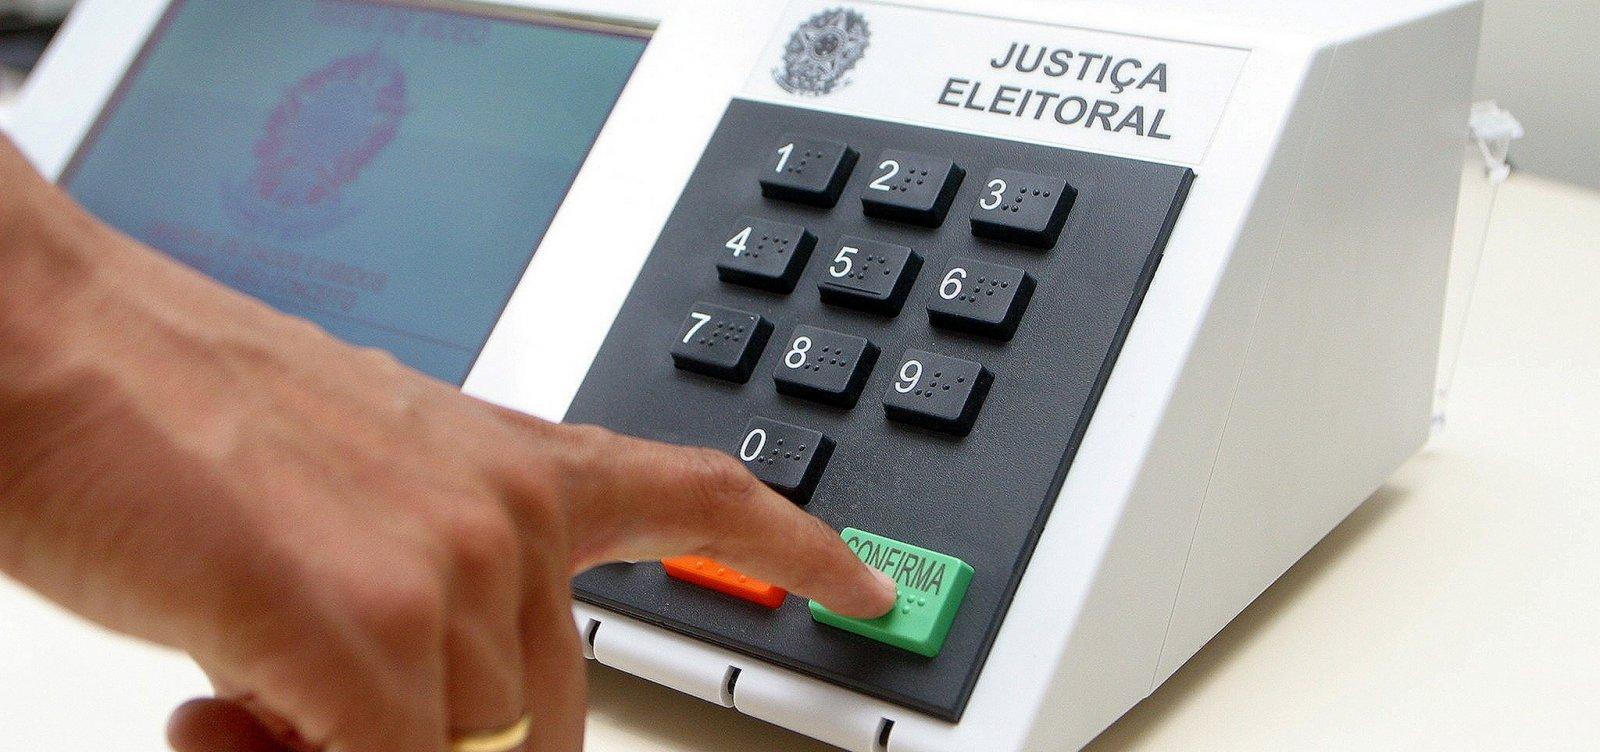 Cúpula do Judiciário garante confiança em urnas eletrônicas